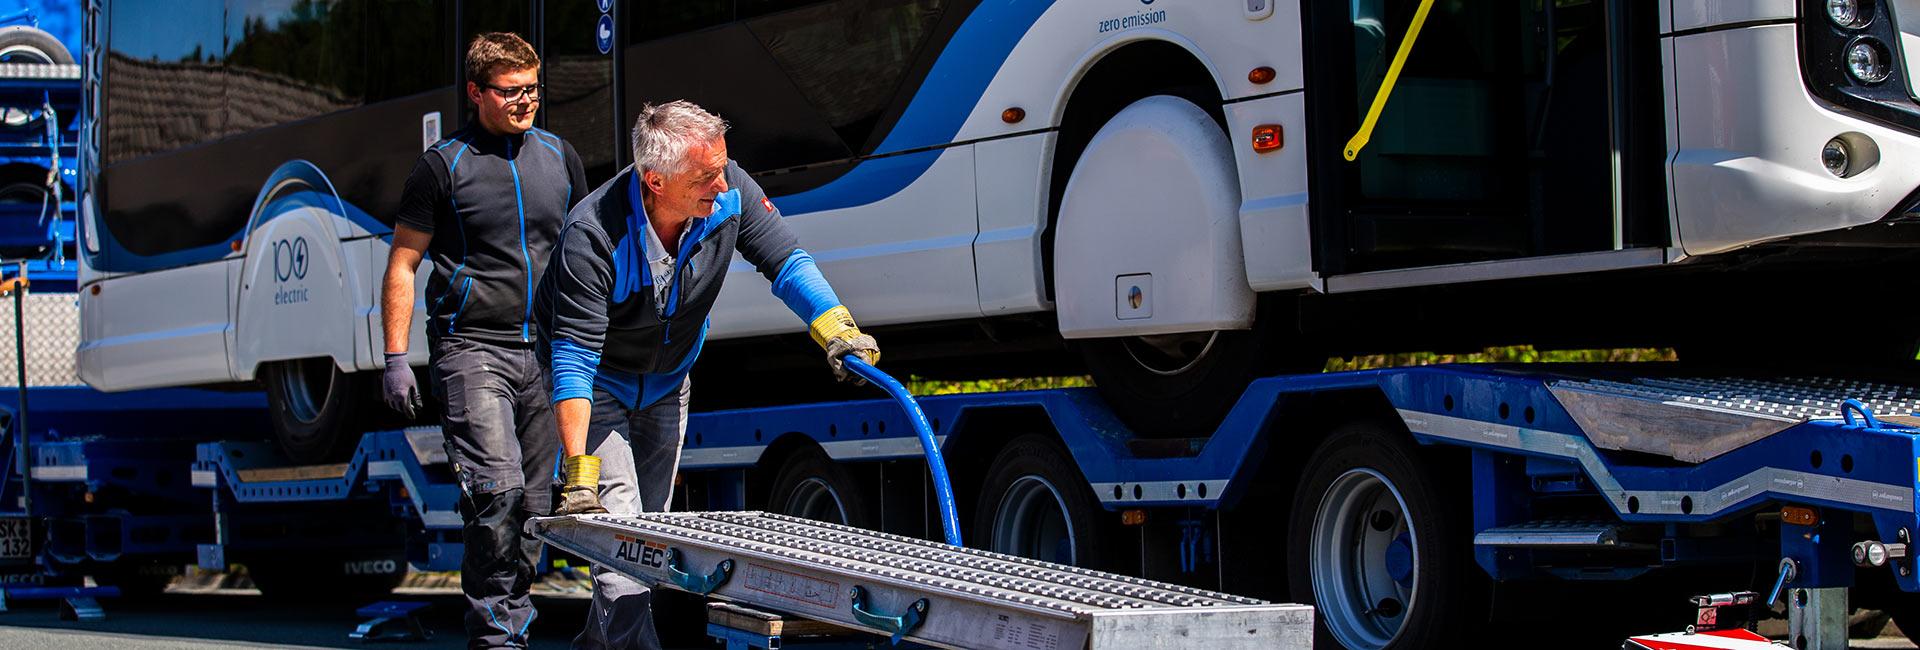 schneider_plusbus_spezialtransporte_003